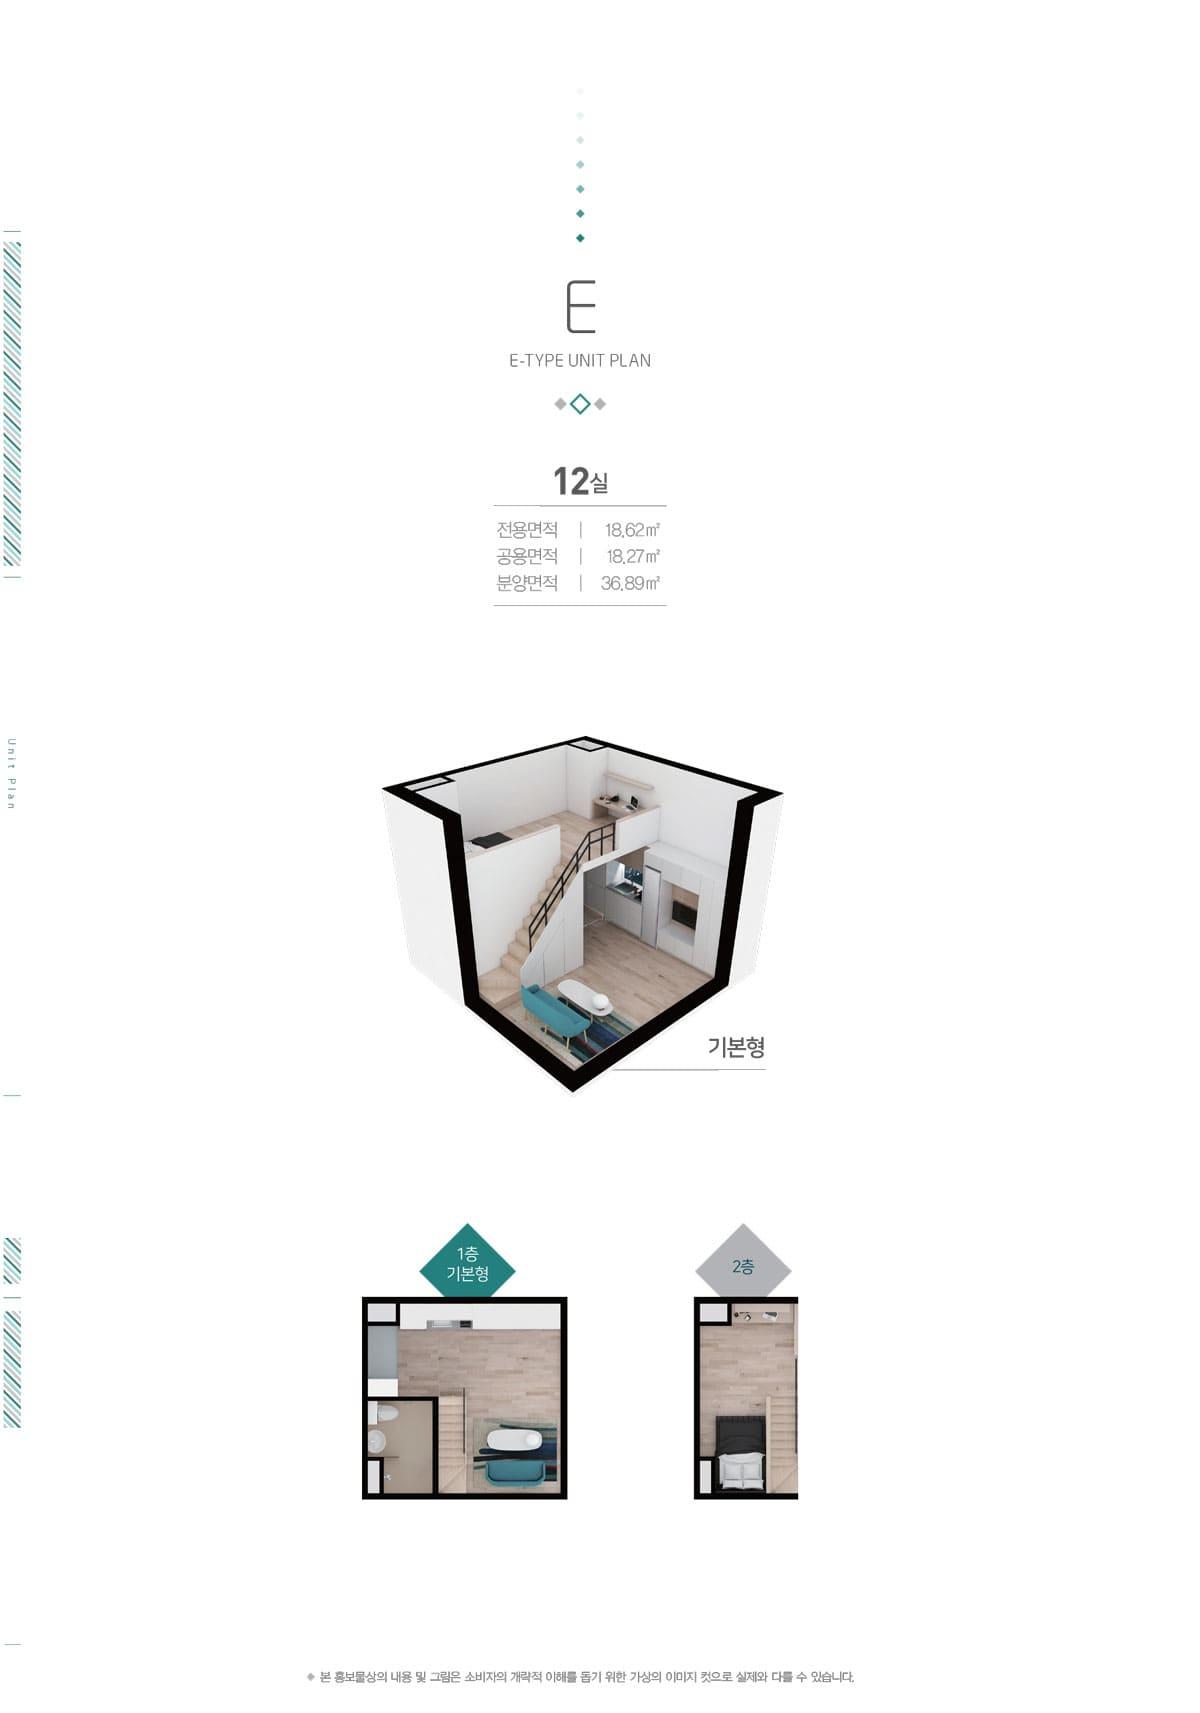 김포 풍무 그랜드타워 2차-18.62㎡E